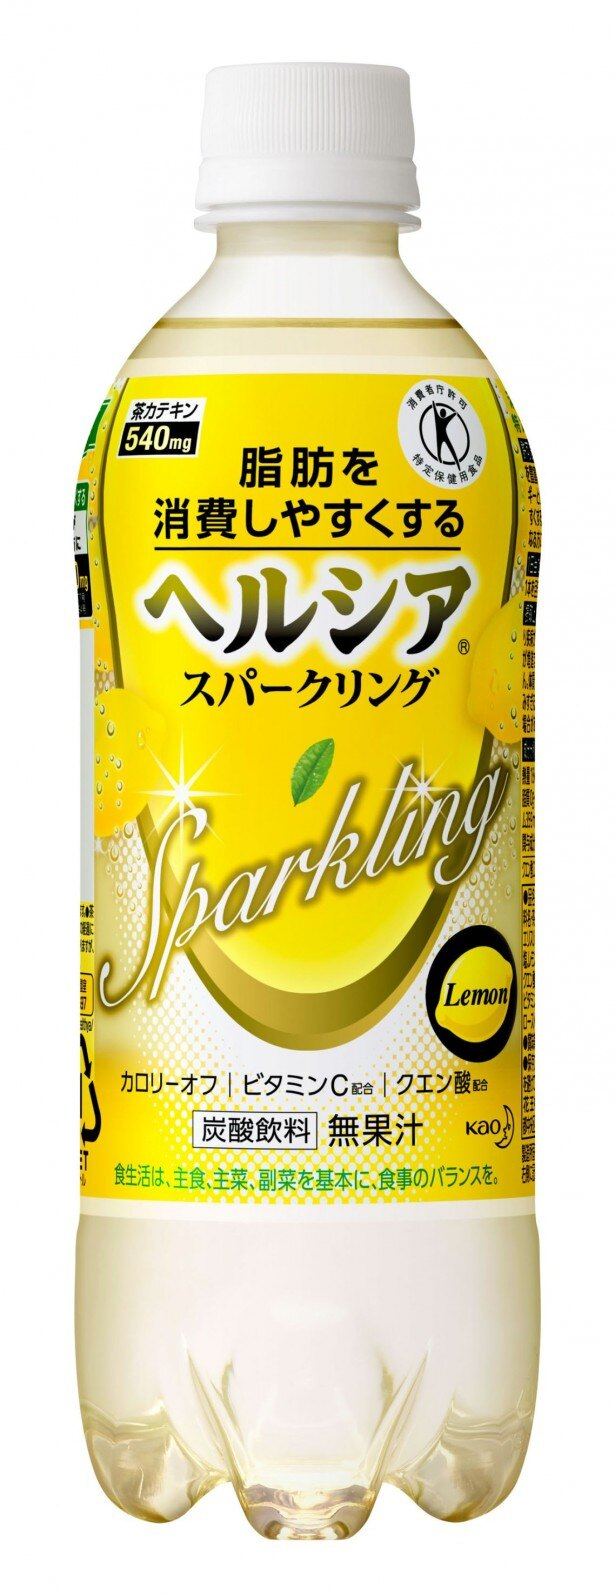 すっきりとしたレモン味の「ヘルシアスパークリング レモン」(希望小売価格・税抜180円)